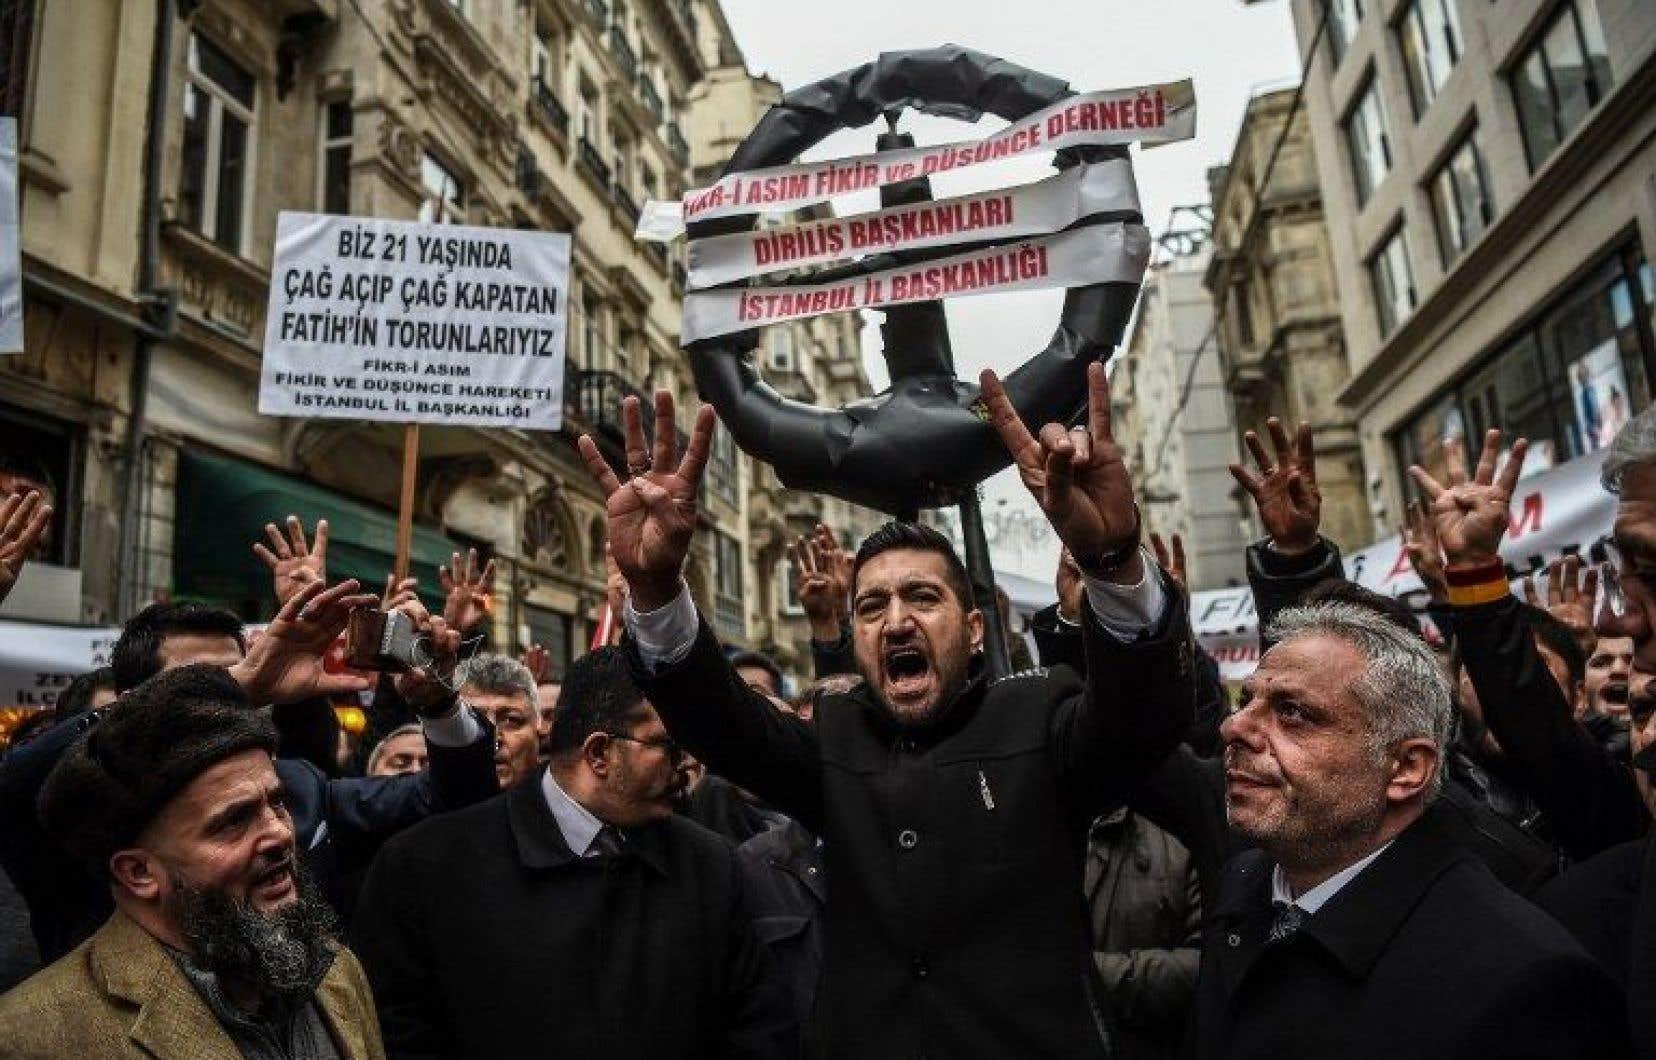 Dans la métropole turque, une cinquantaine de manifestants se sont rassemblés devant le consulat des Pays-Bas pour protester contre la décision de La Haye.